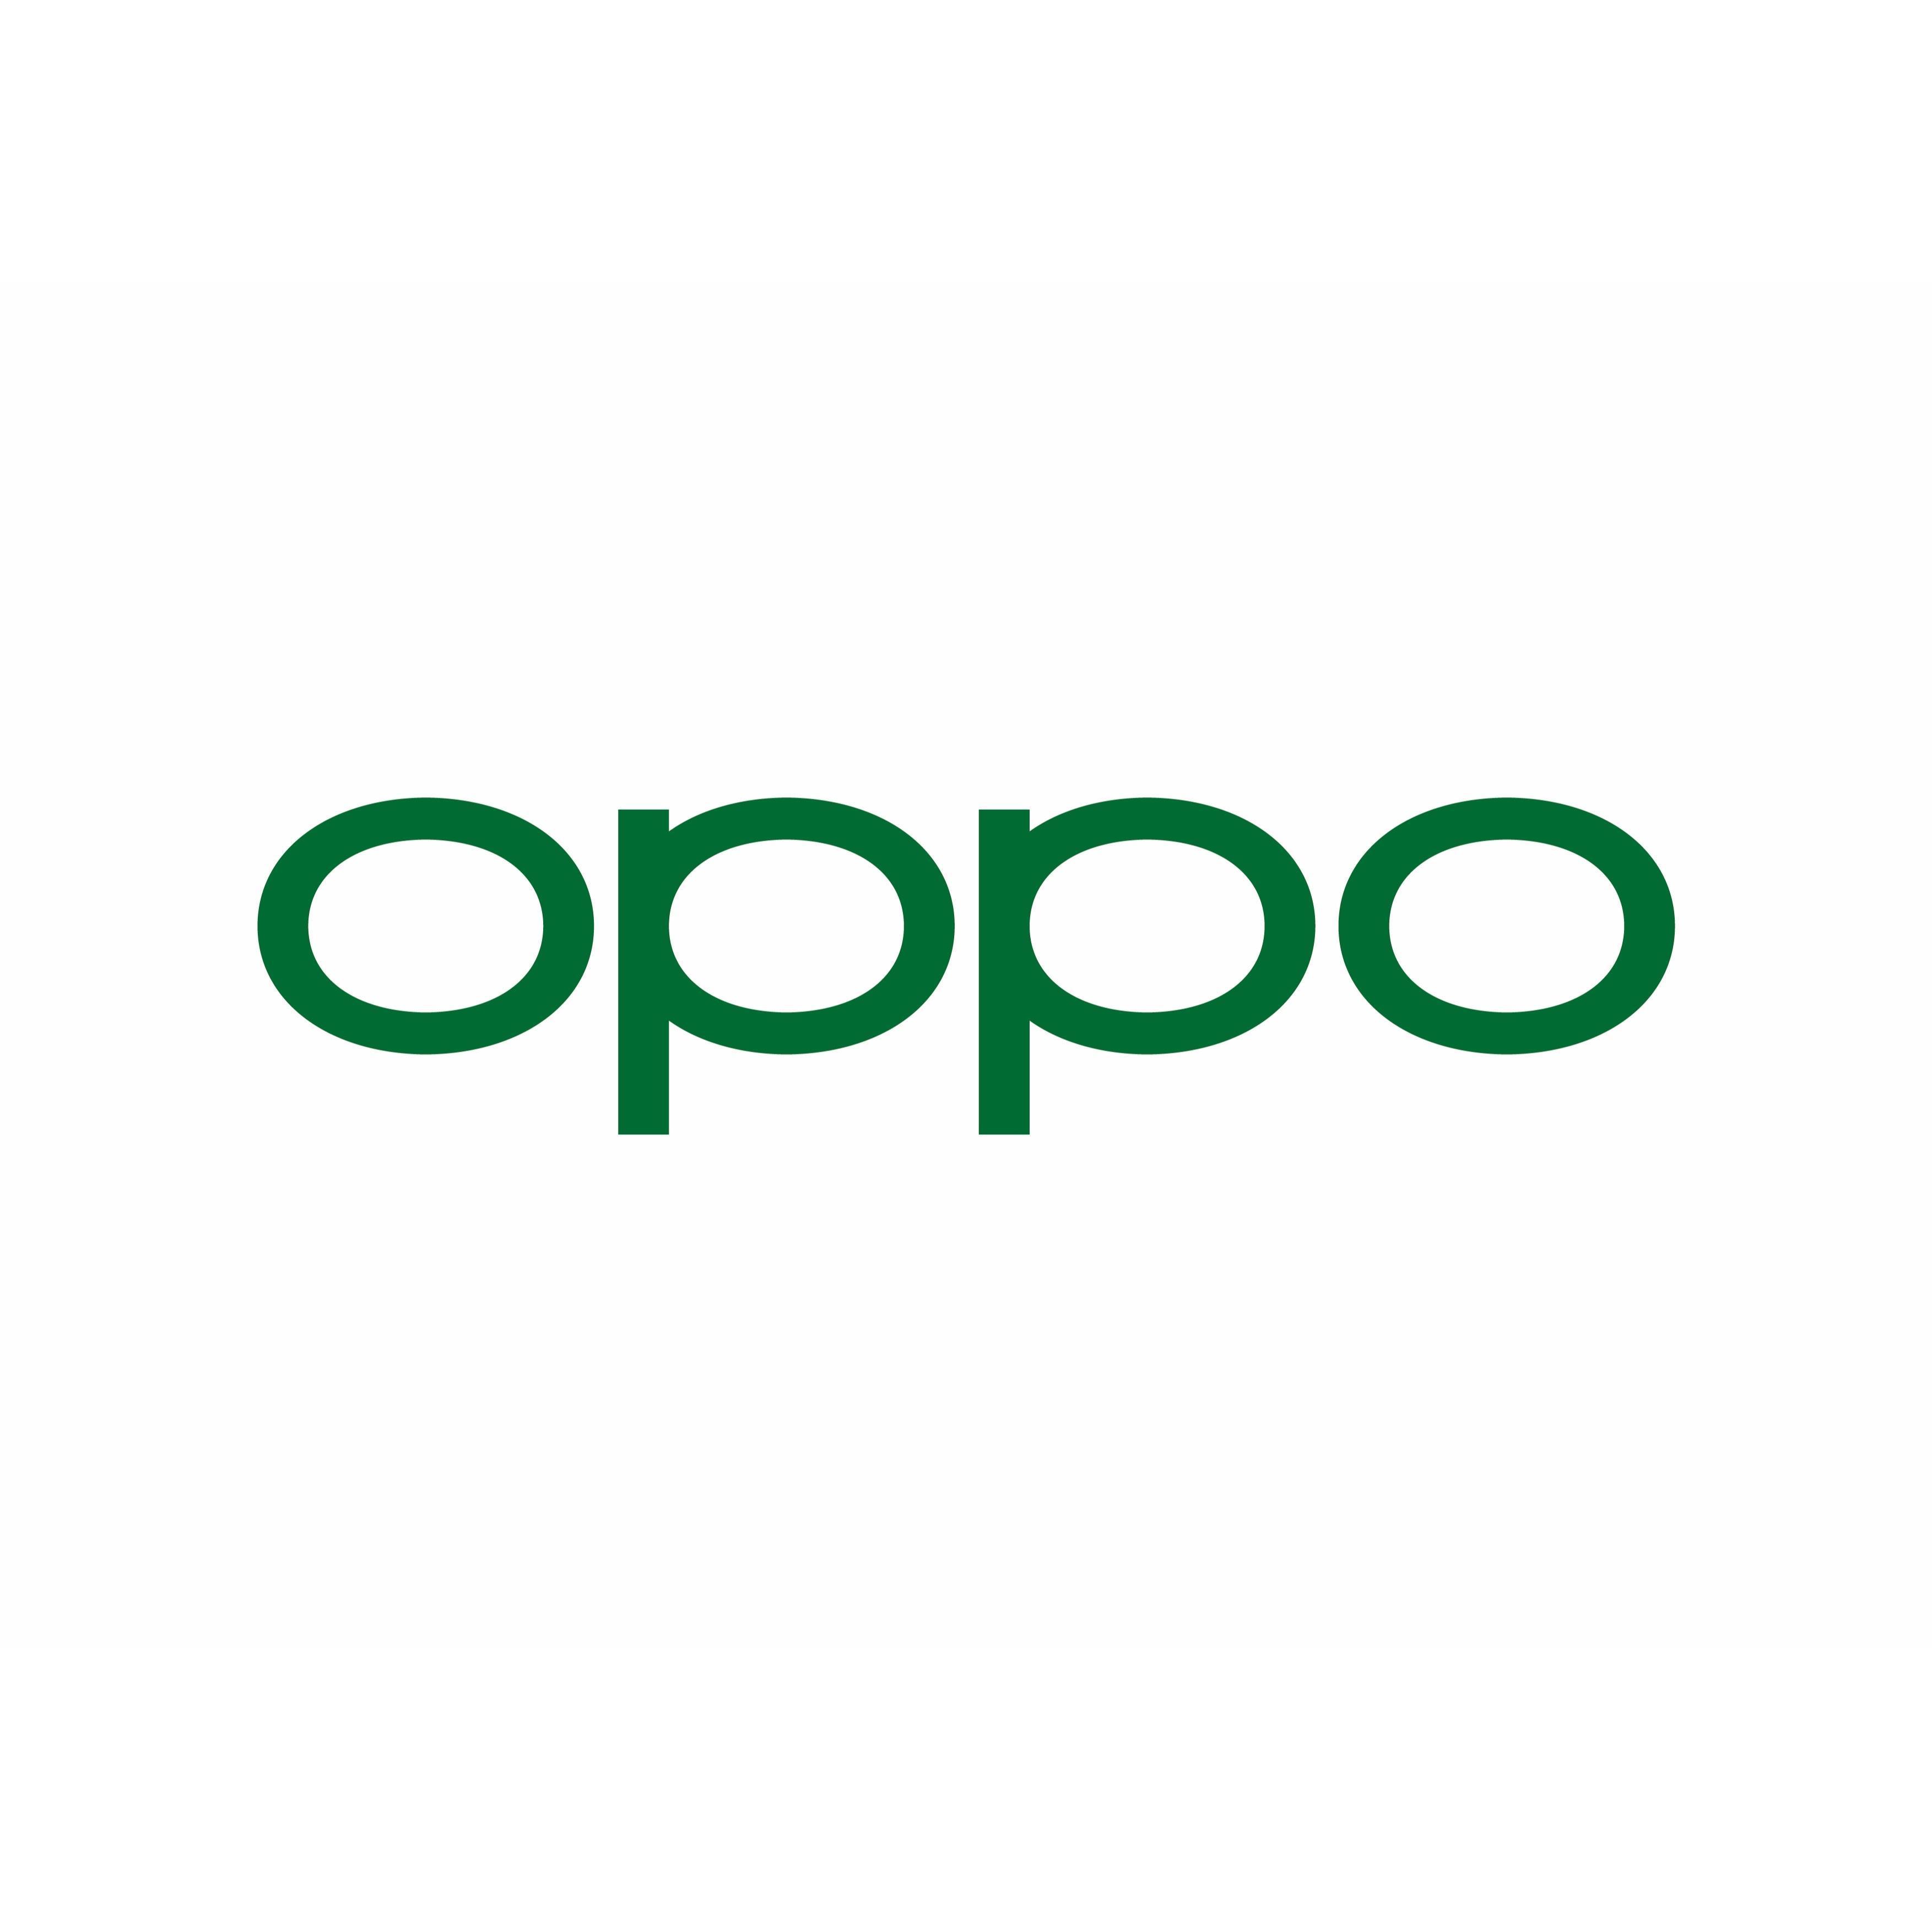 自贡找工作招聘信息+OPPO